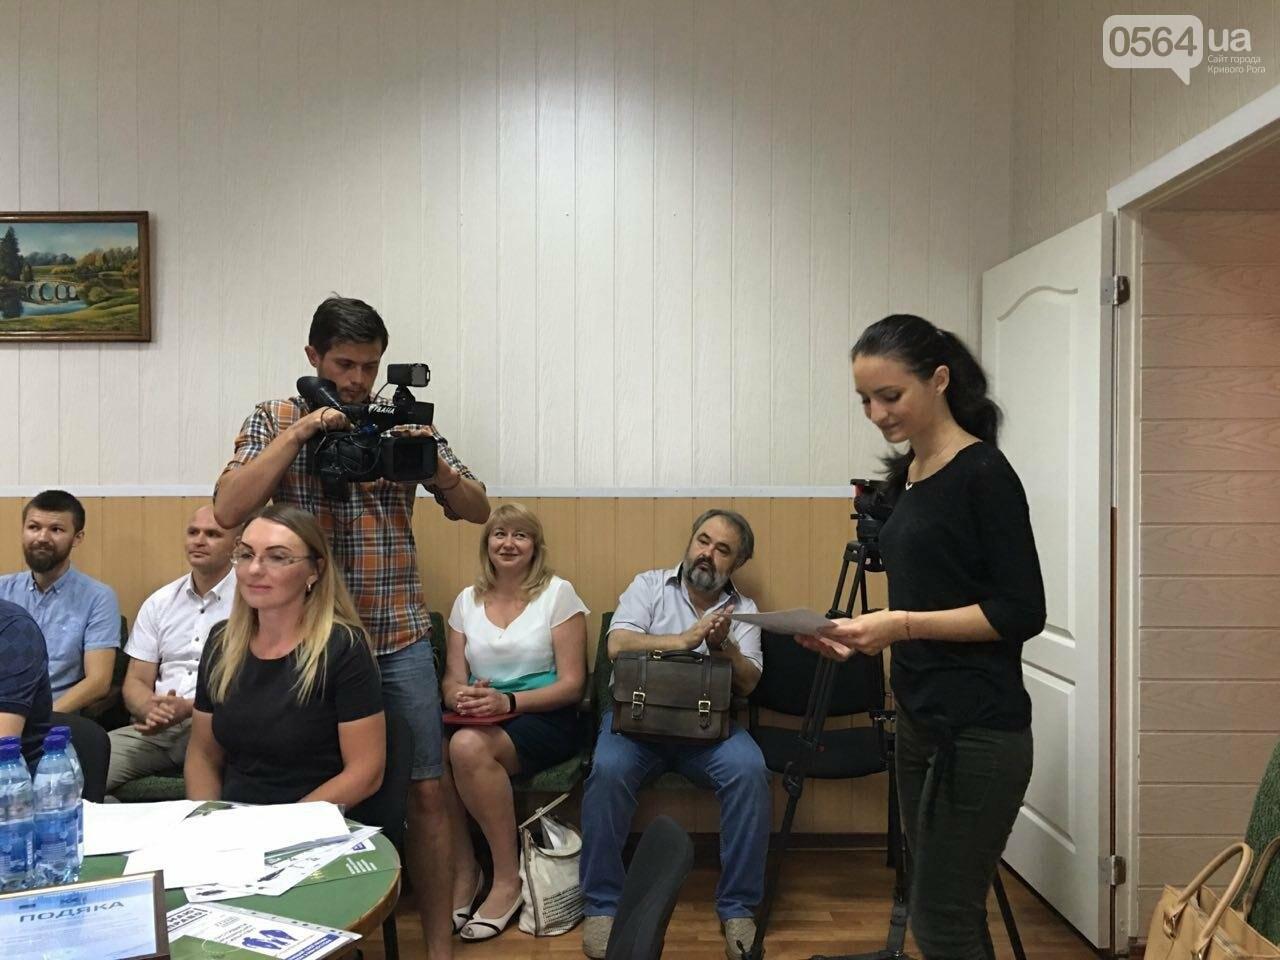 Криворожские центры по предоставлению бесплатной правовой помощи подвели итоги работы за 3 года, - ФОТО, фото-9